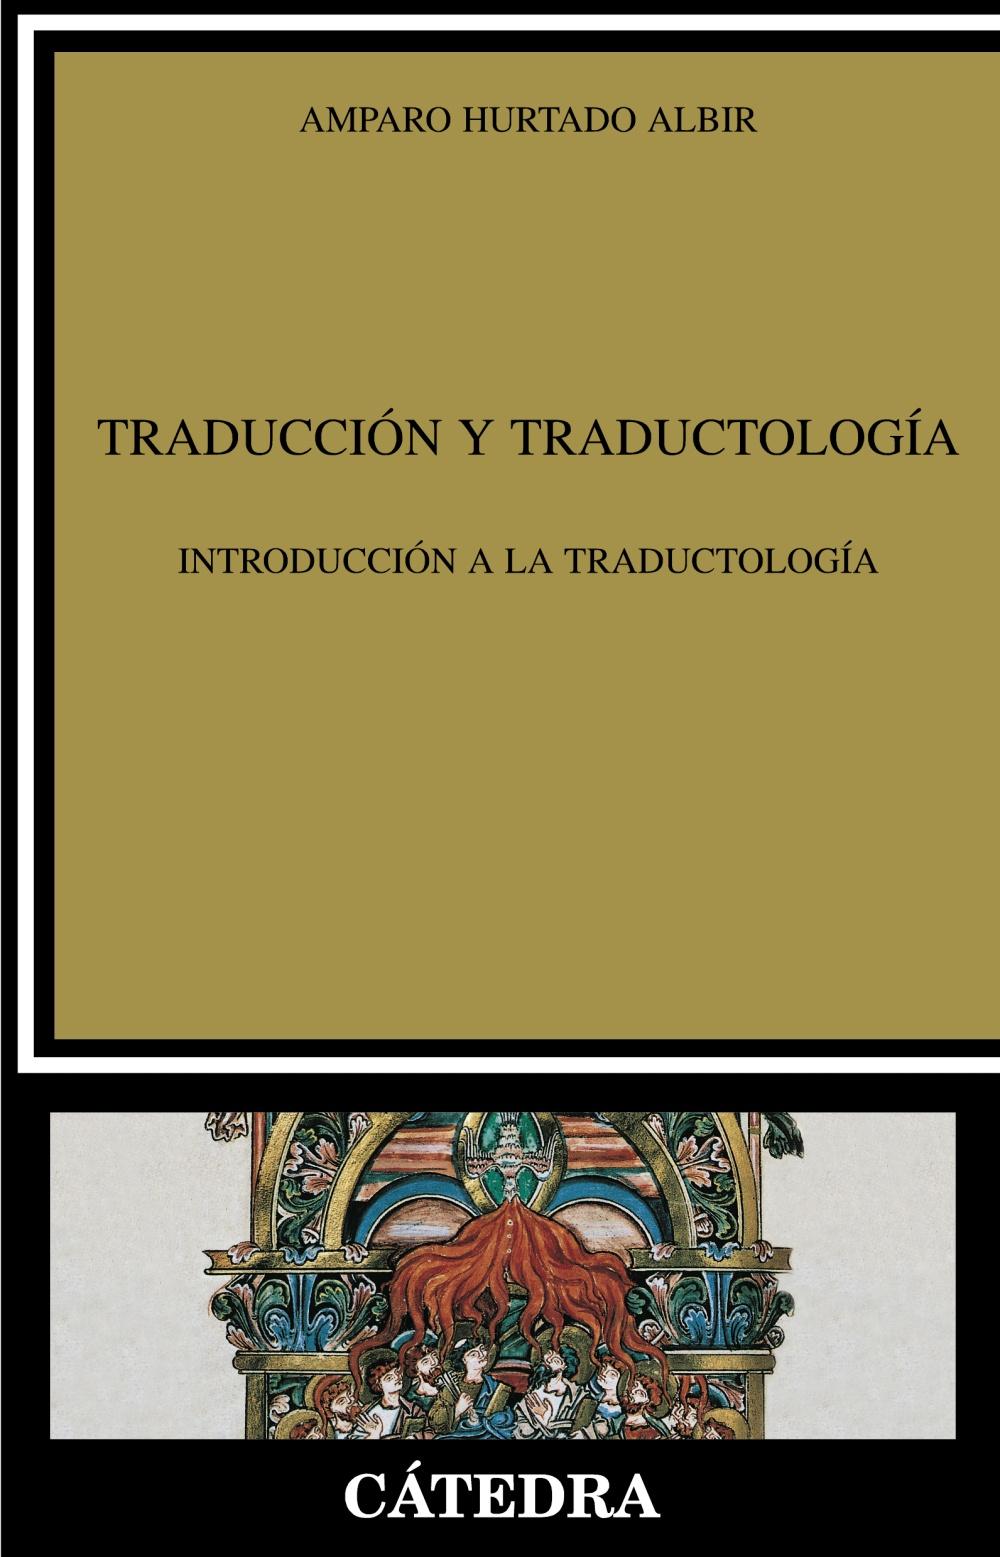 Traduccion Y Traductologia: Introduccion A La Traductologia por Amparo Hurtado Albir